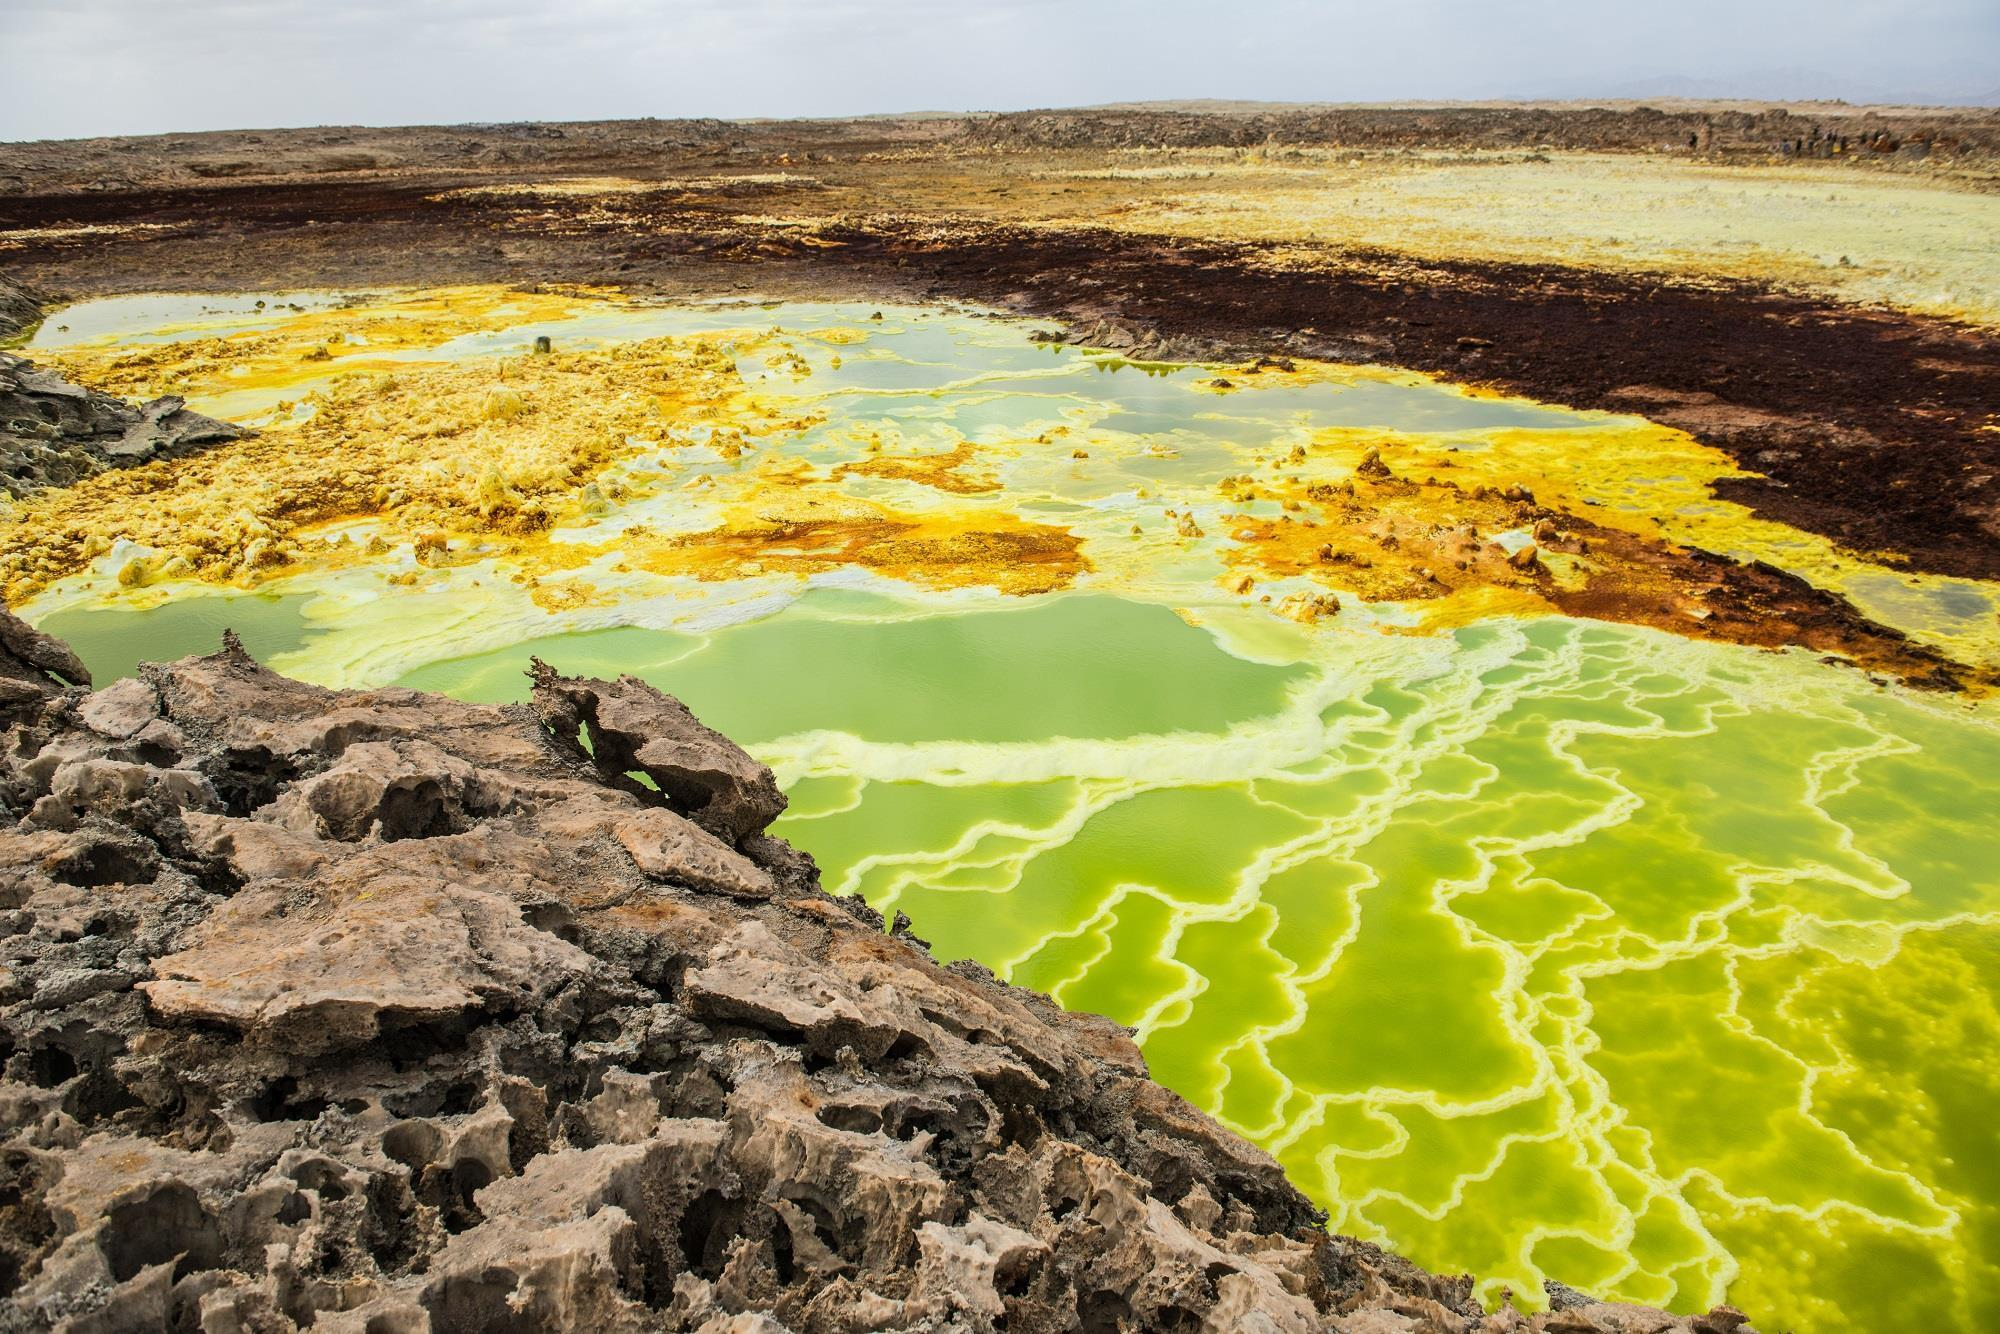 Ethiopia, nơi sở hữu vùng trũng thế giới với nền nhiệt 50 độ C Ảnh 1